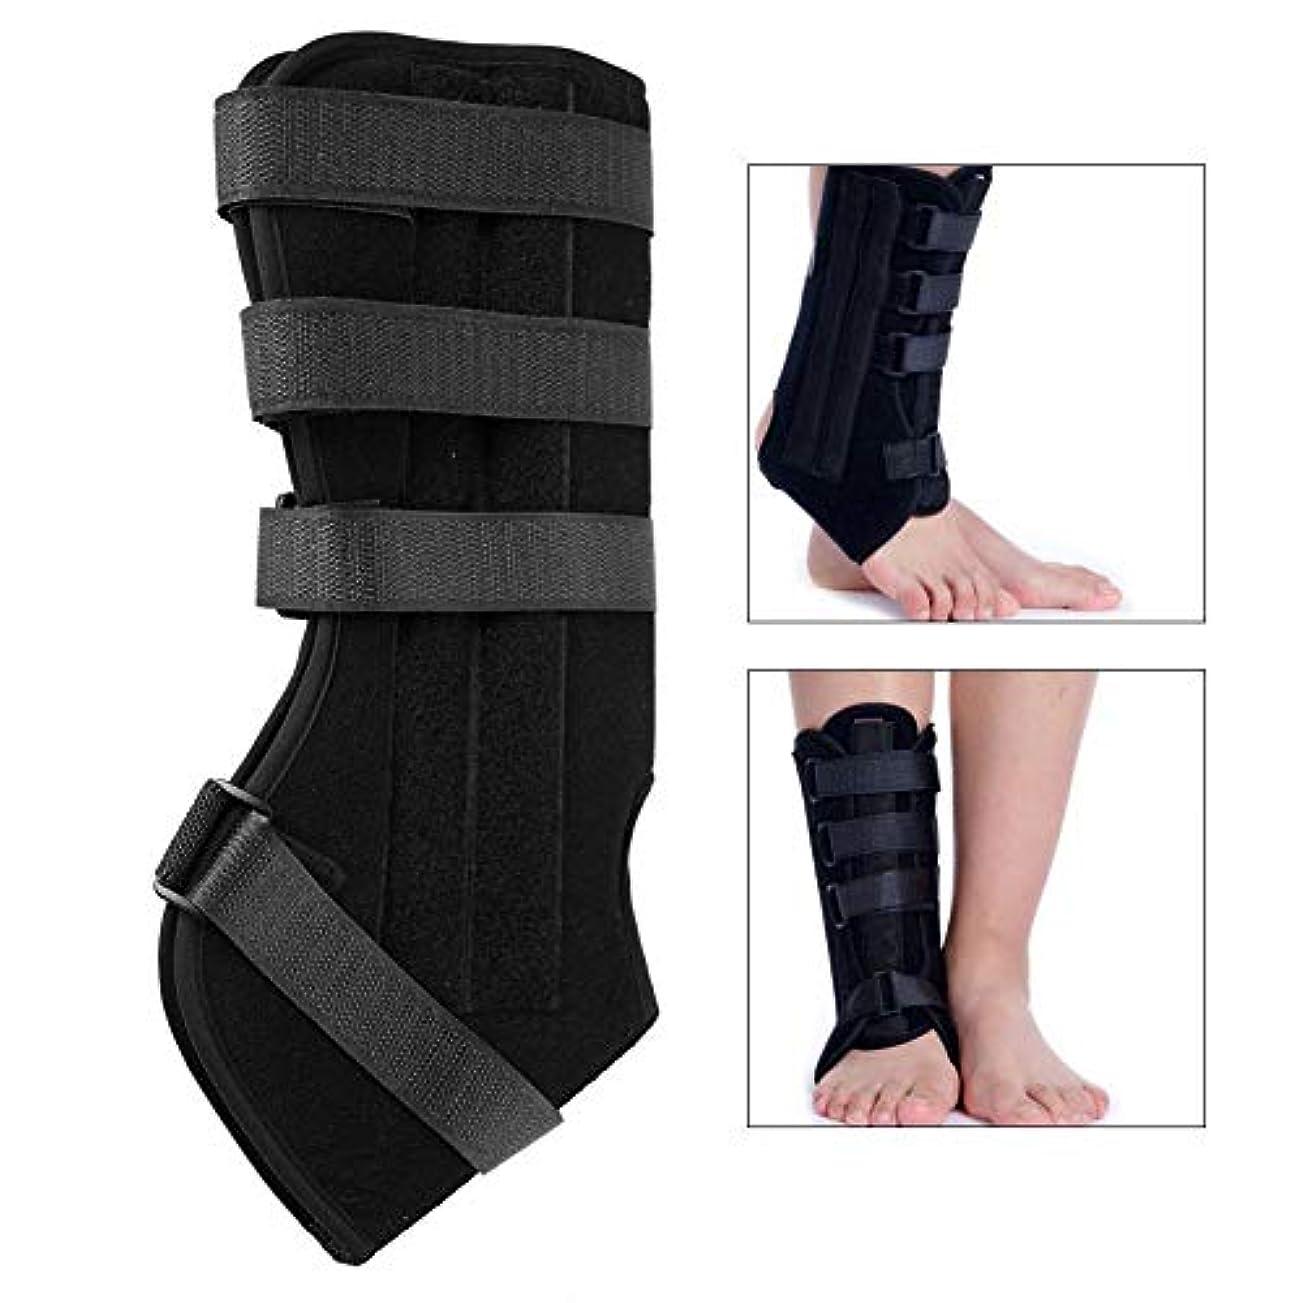 オッズ虎信頼性足首装具、足首関節外部固定骨折治療修正サポートツールブレースサポート腱矯正手術後,M